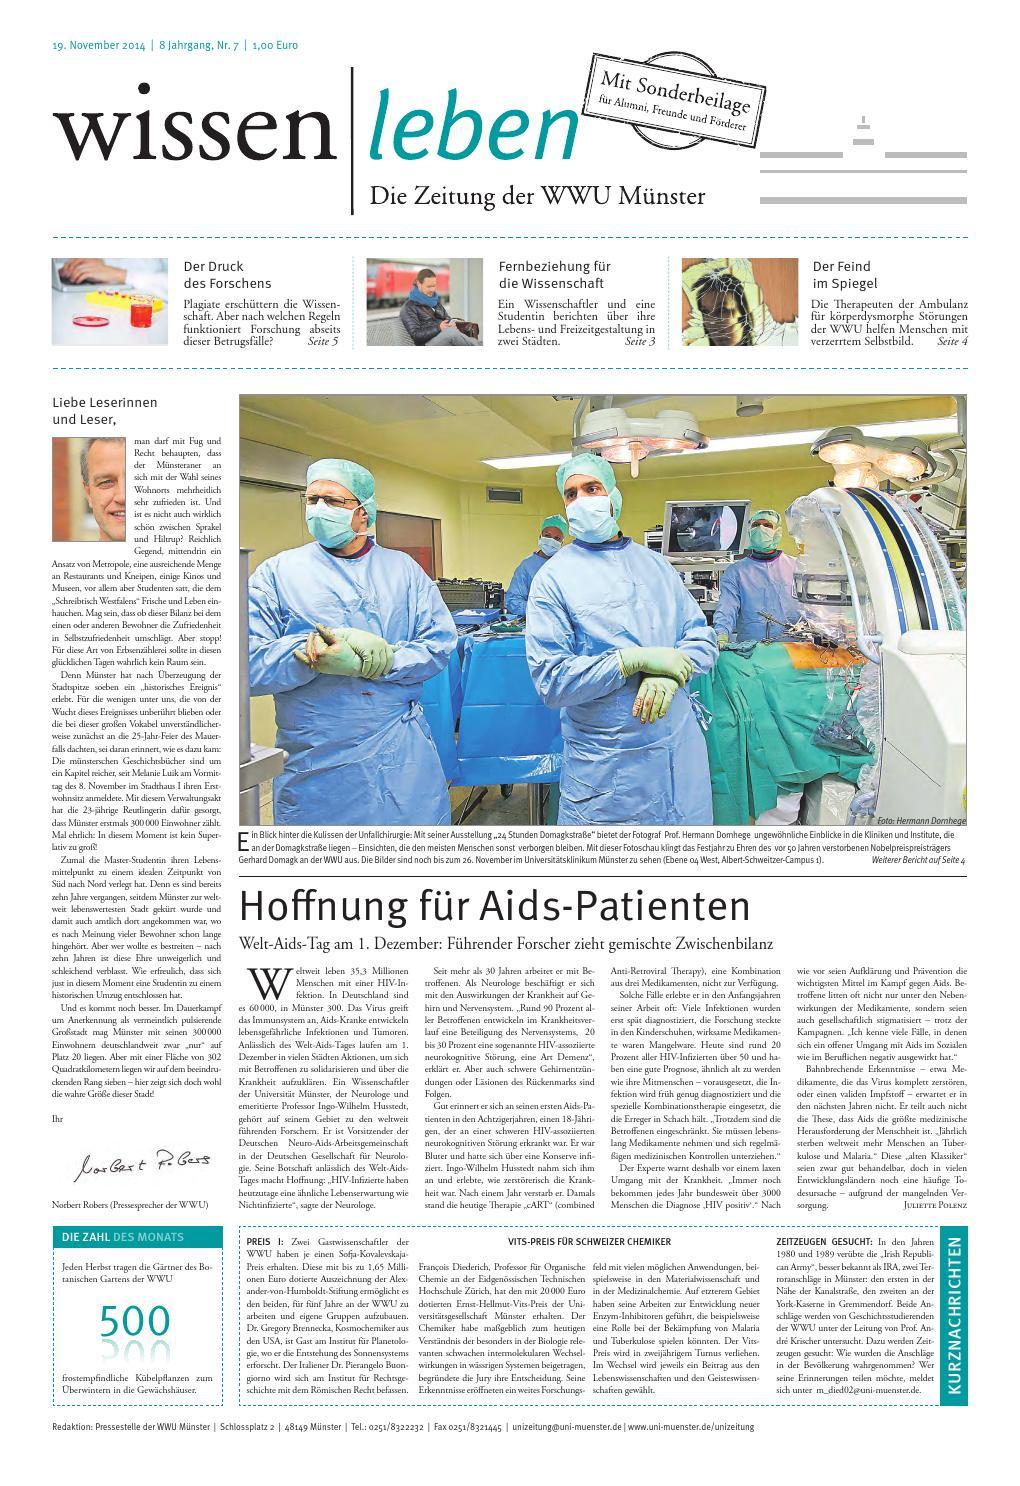 WISSEN|LEBEN - DIE ZEITUNG DER WWU MÜNSTER by Westfälische  Wilhelms-Universität Münster - issuu